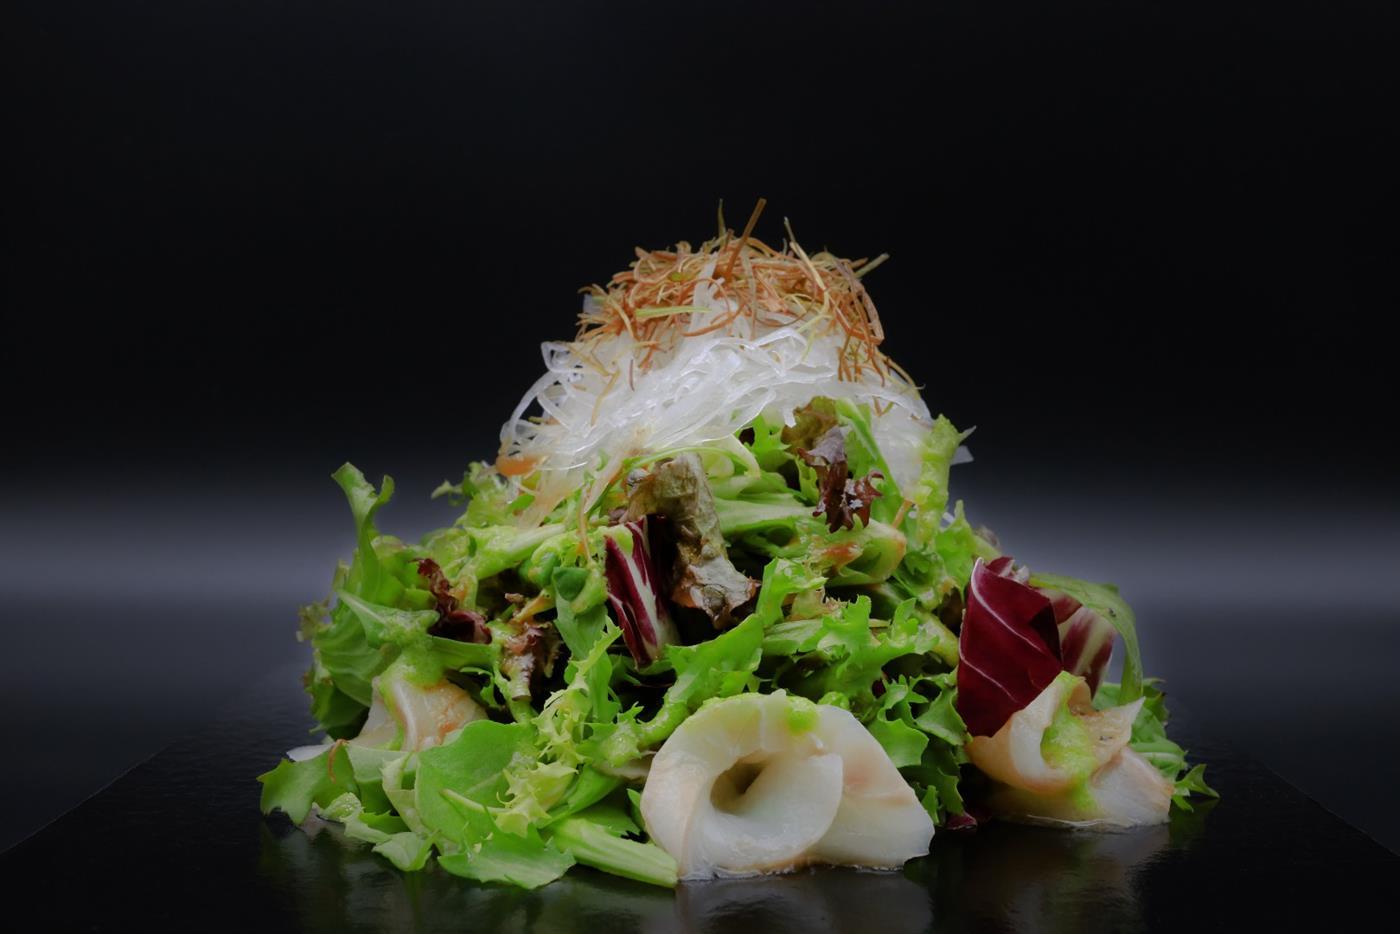 Sesam kveite salat